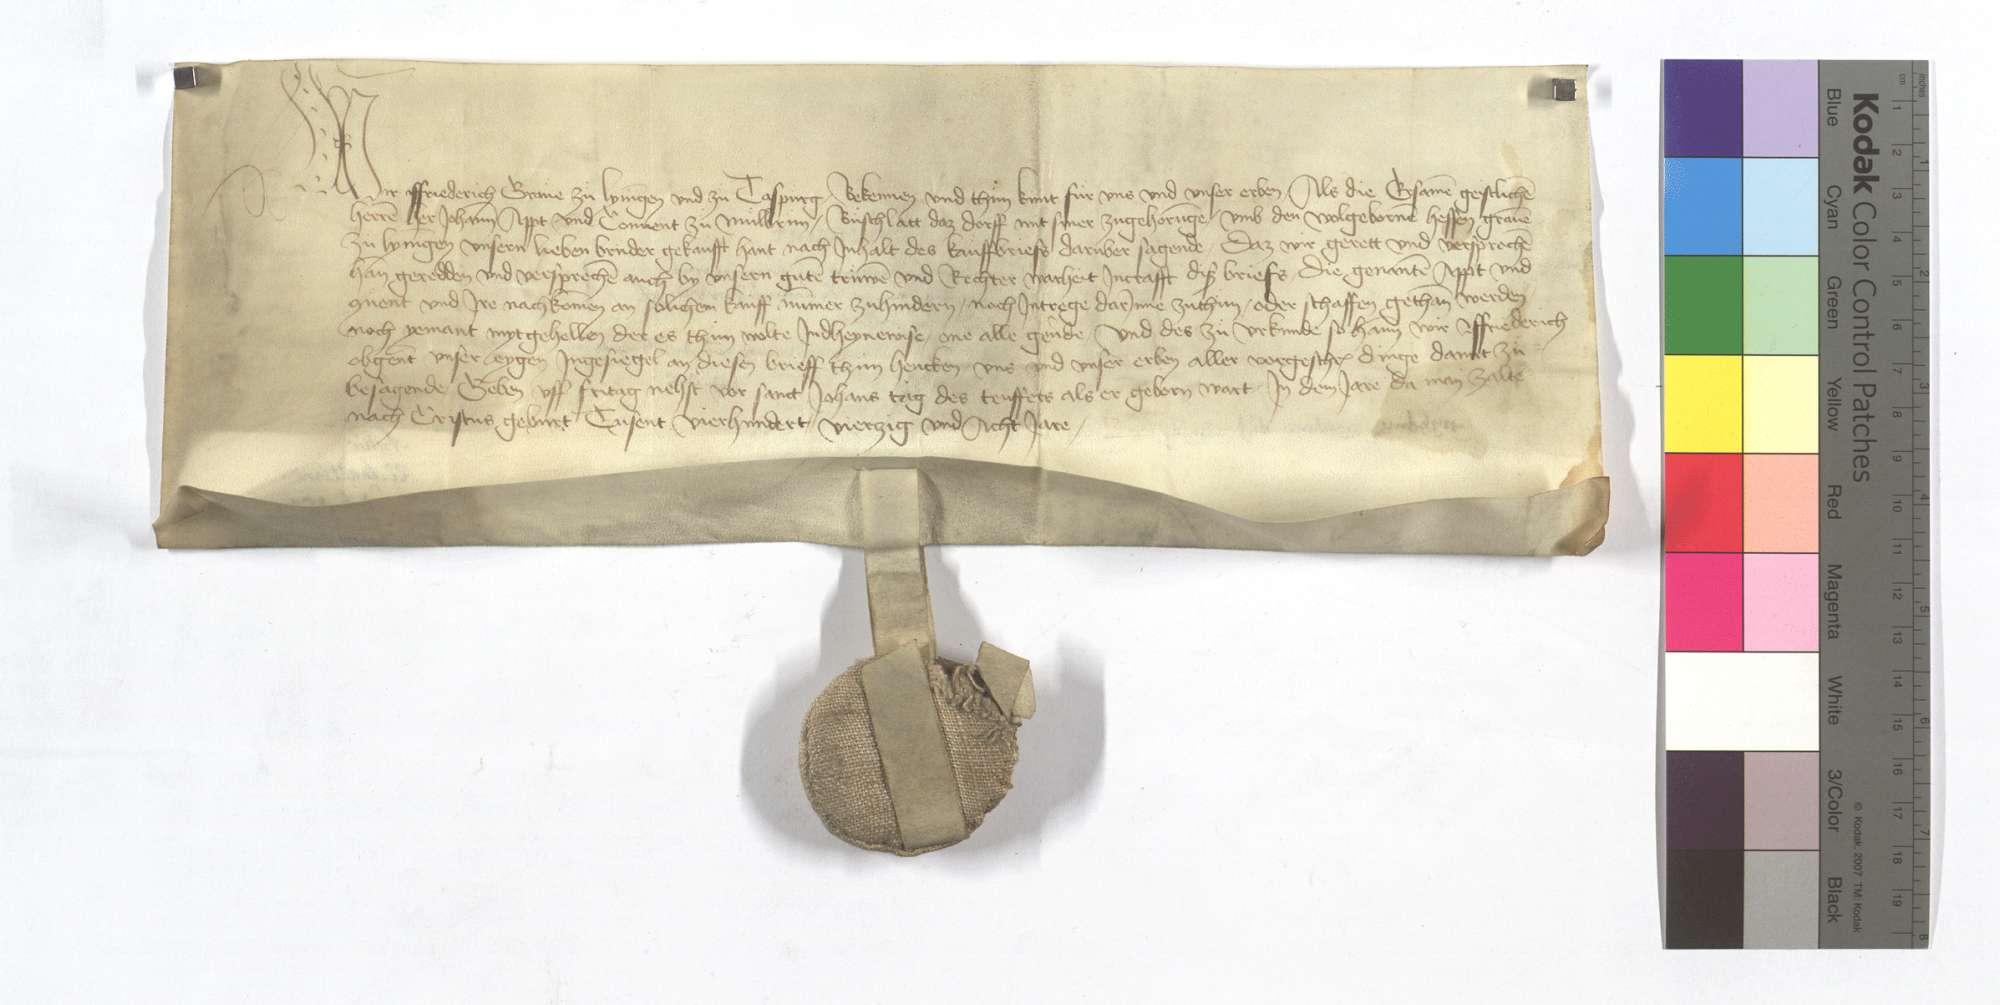 Graf Friedrich von Leiningens Bestätigung, dass Graf Hesse von Leiningen dem Kloster Maulbronn das halbe Dorf Bauschlott mit der halben Vogtei und weiteren Gerechtsamen, des Waldfrevels, zwei Teilen des großen und kleinen Zehnten in Ölbronner Markung, sowie Kelter und Kelterrecht verkauft habe., Text